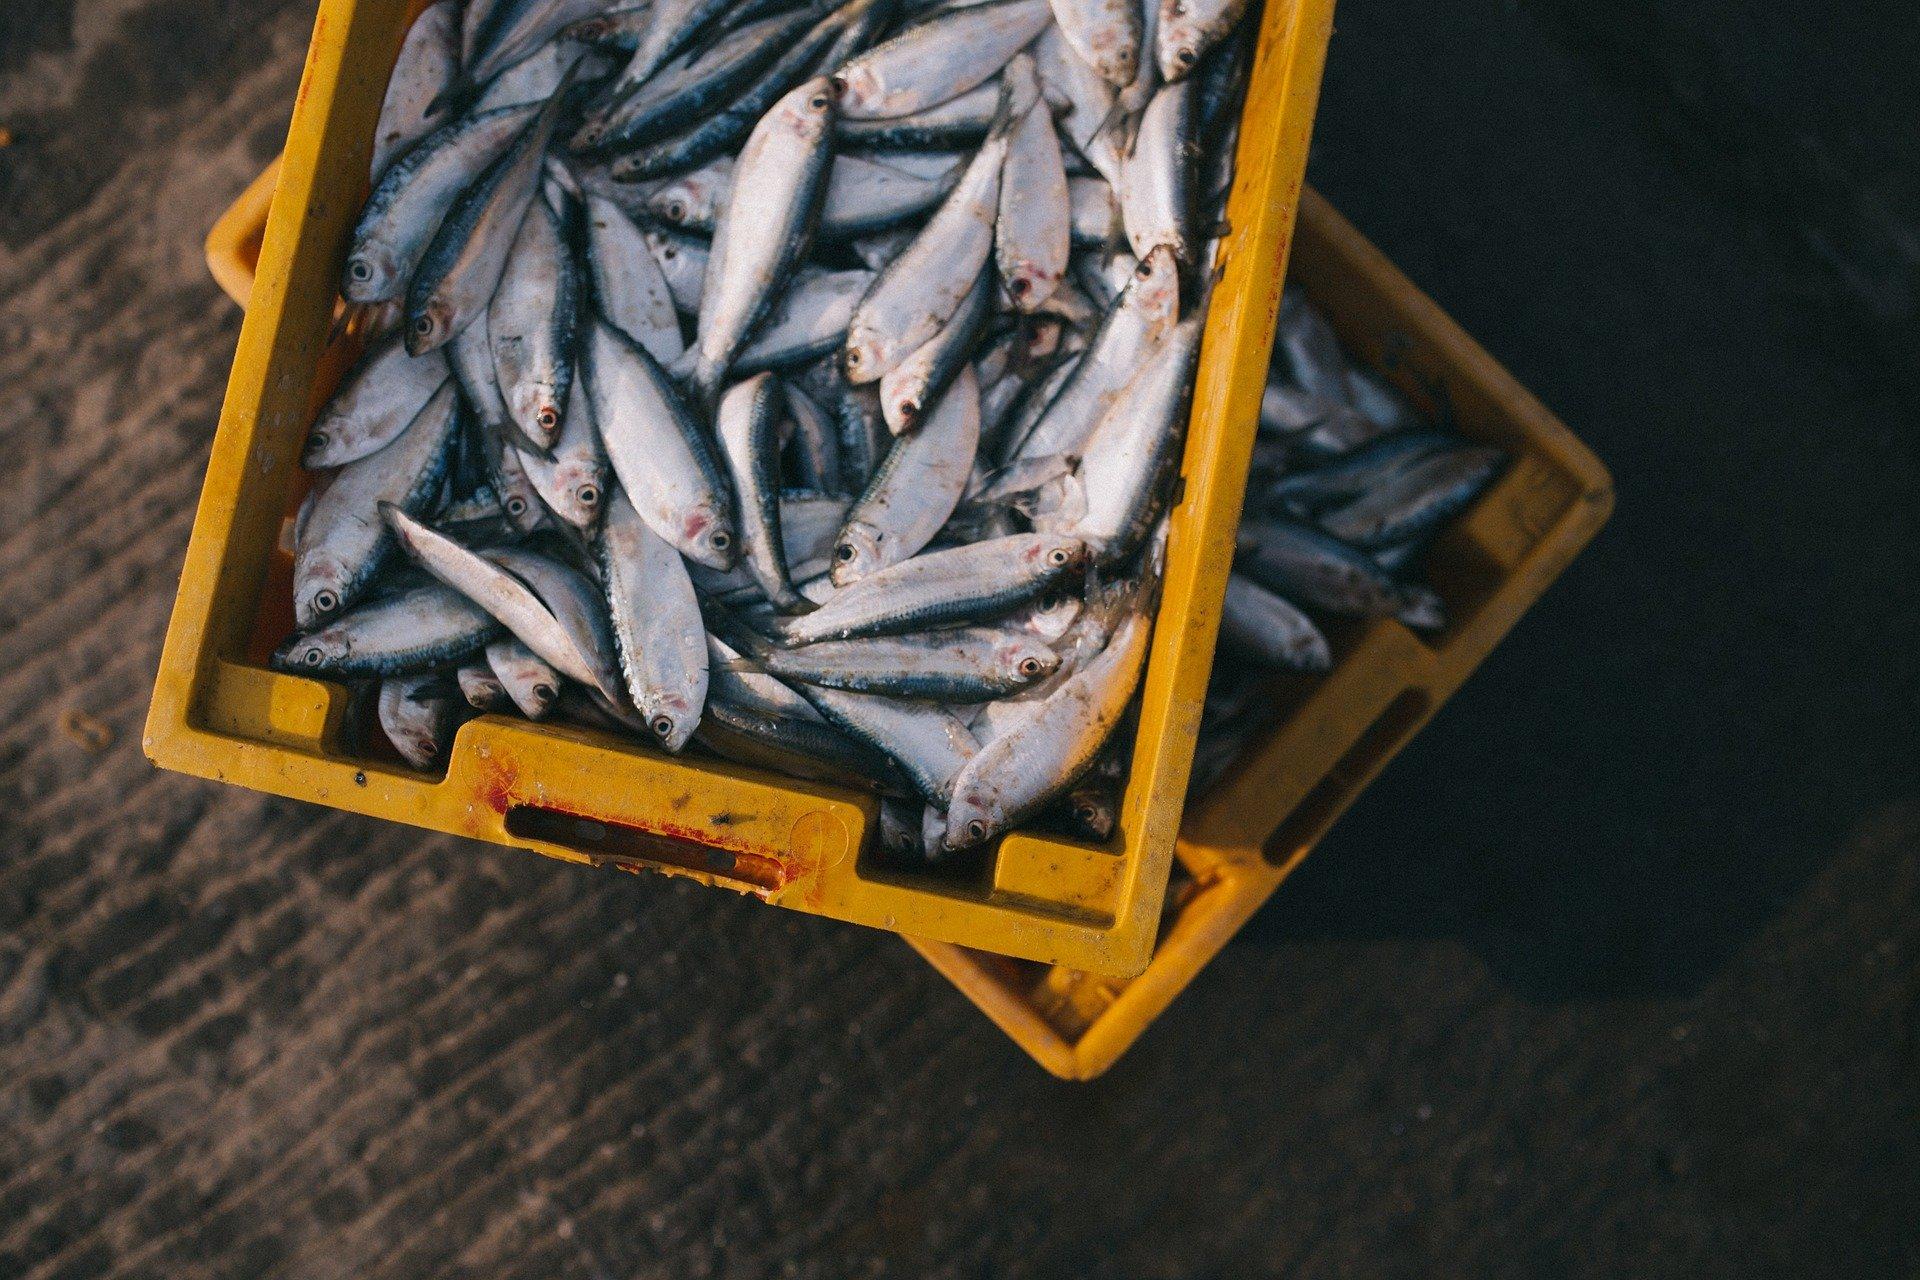 Quecksilber kann dämpfen die positive Auswirkungen auf die Gesundheit der Fische